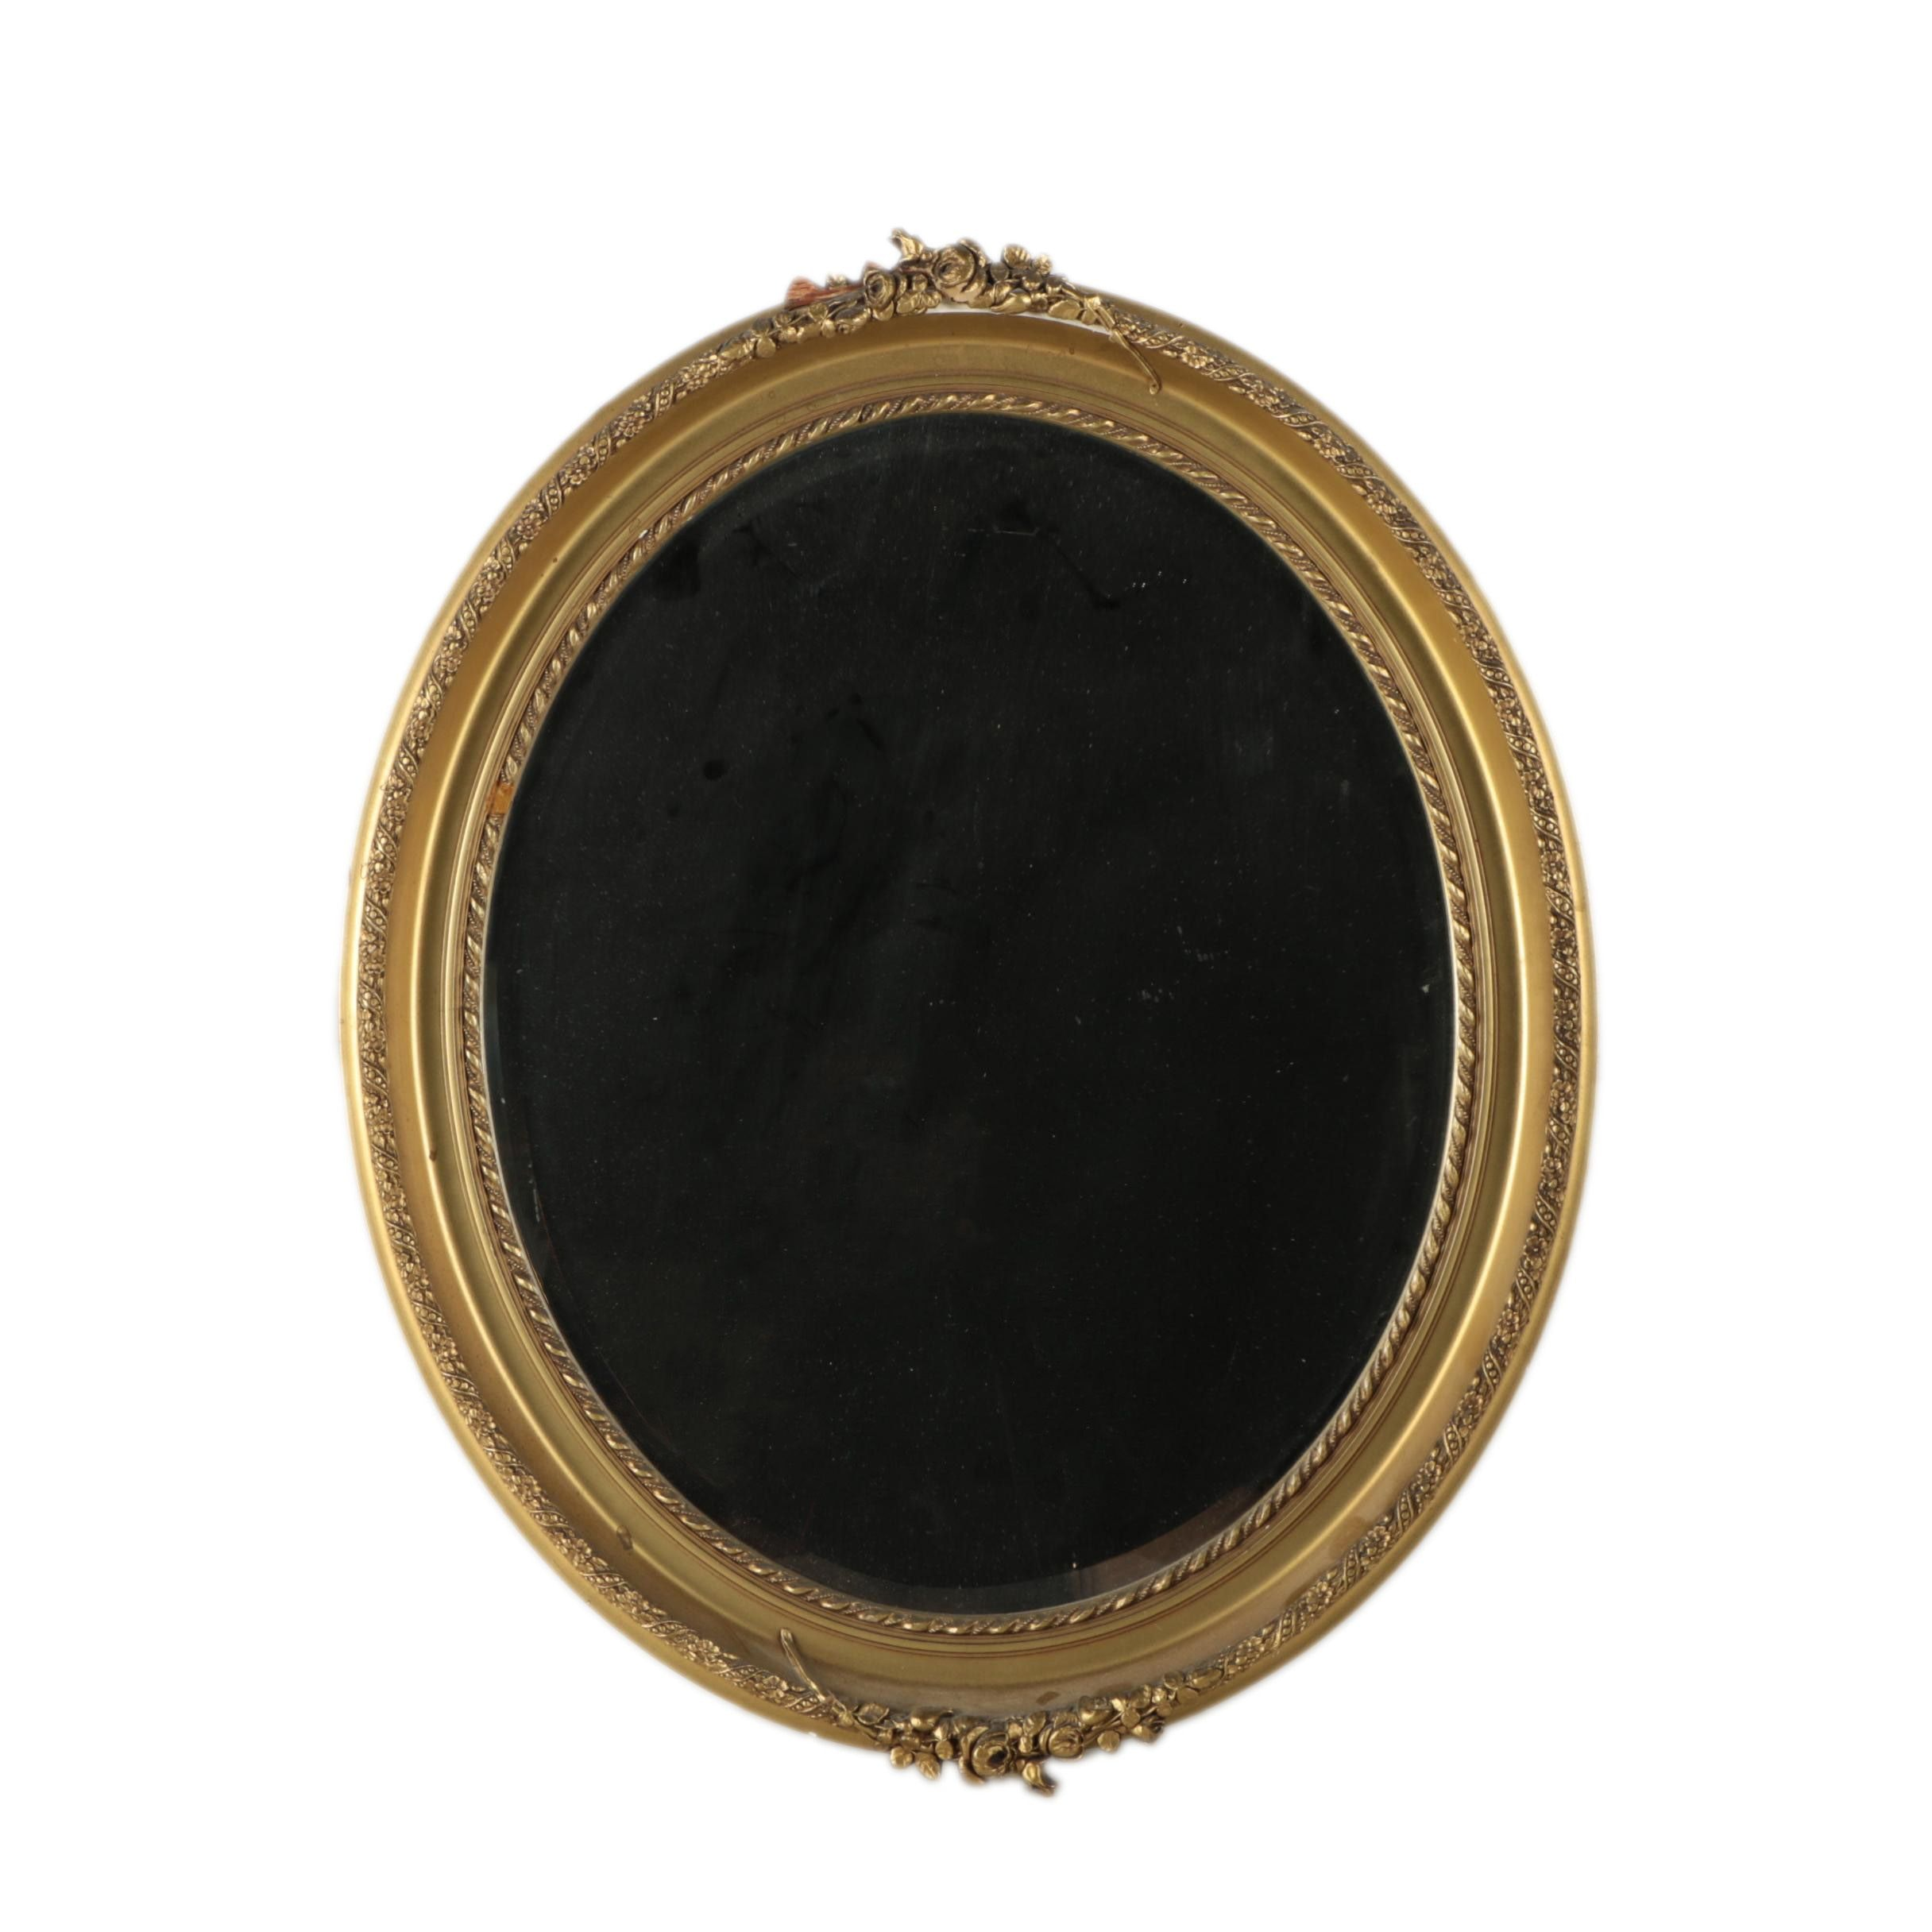 Gold Gild Wall Mirror